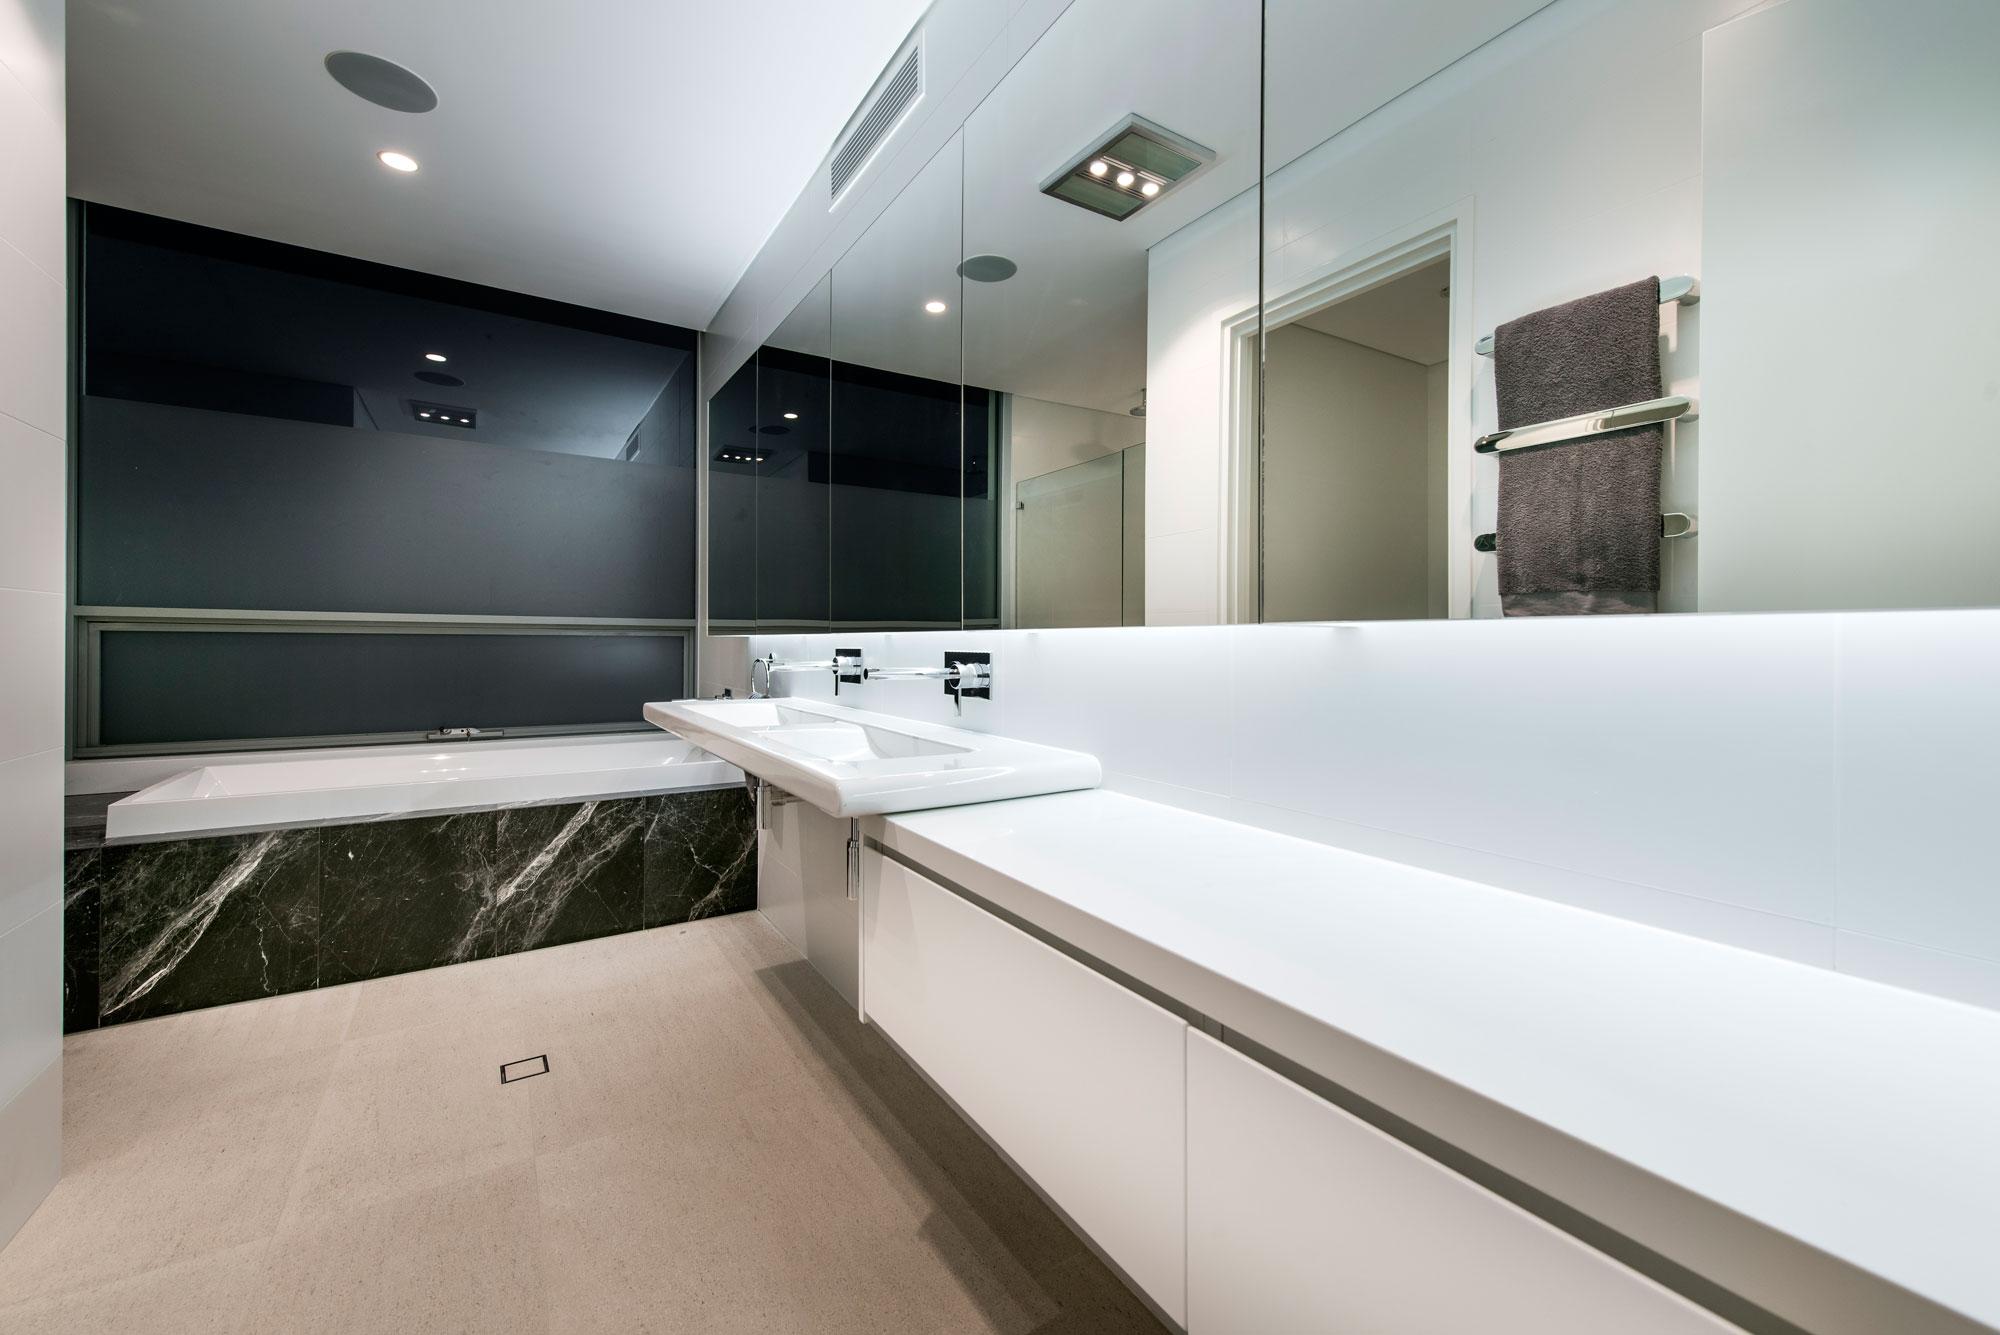 Bath, Sink